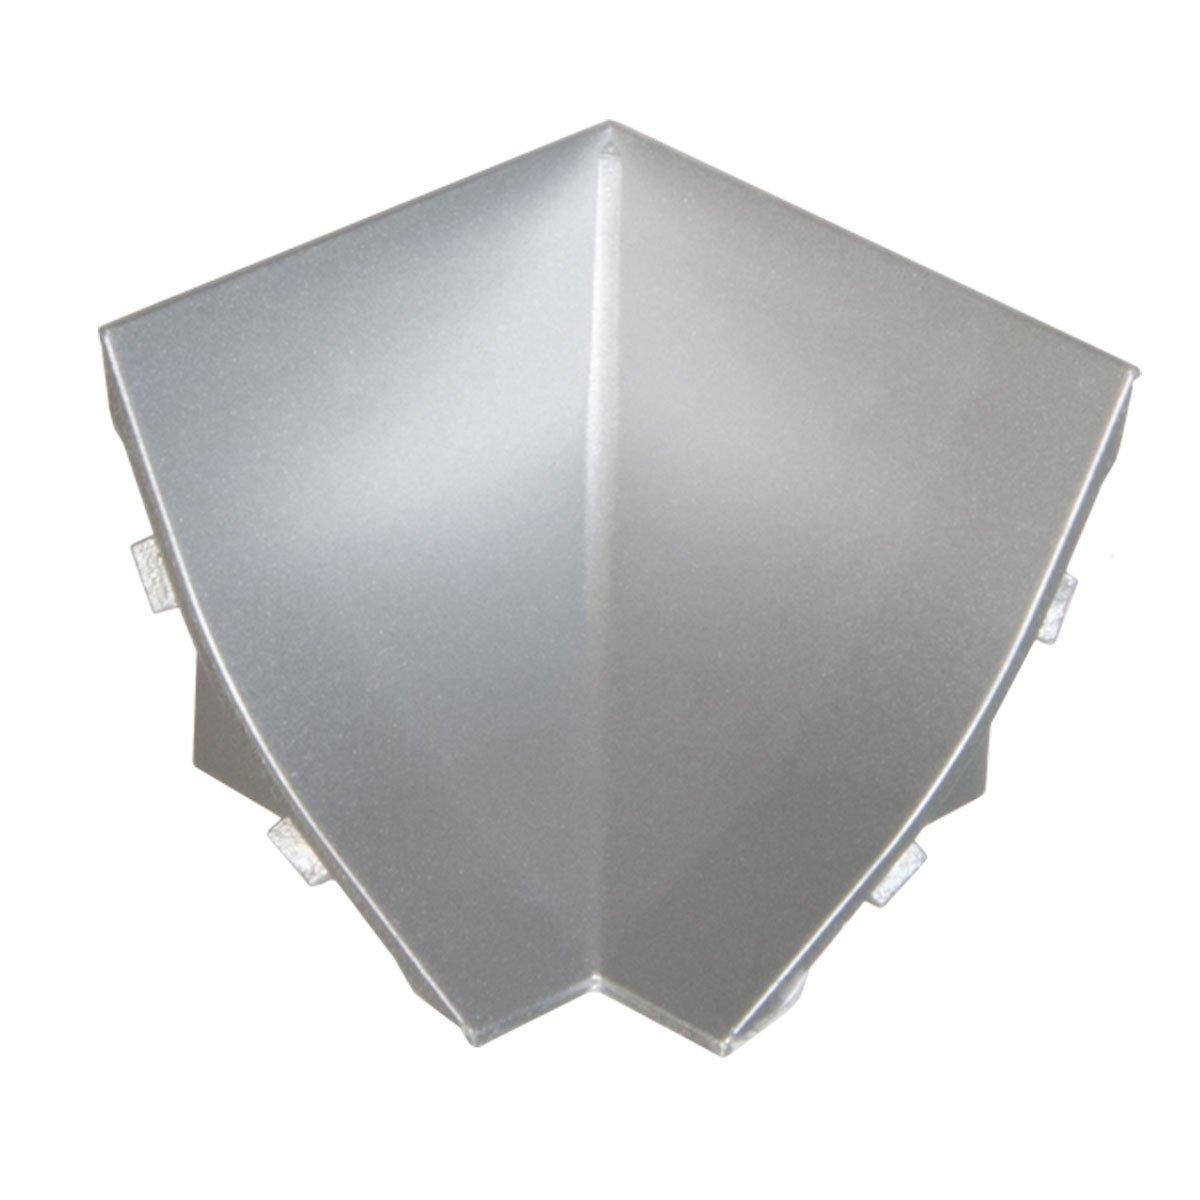 HOLZBRINK Rinconera Interior PVC para Copete de Aluminio Listón de Acabado Aluminio Copete de Encimera de Cocina 23x23 mm: Amazon.es: Bricolaje y ...